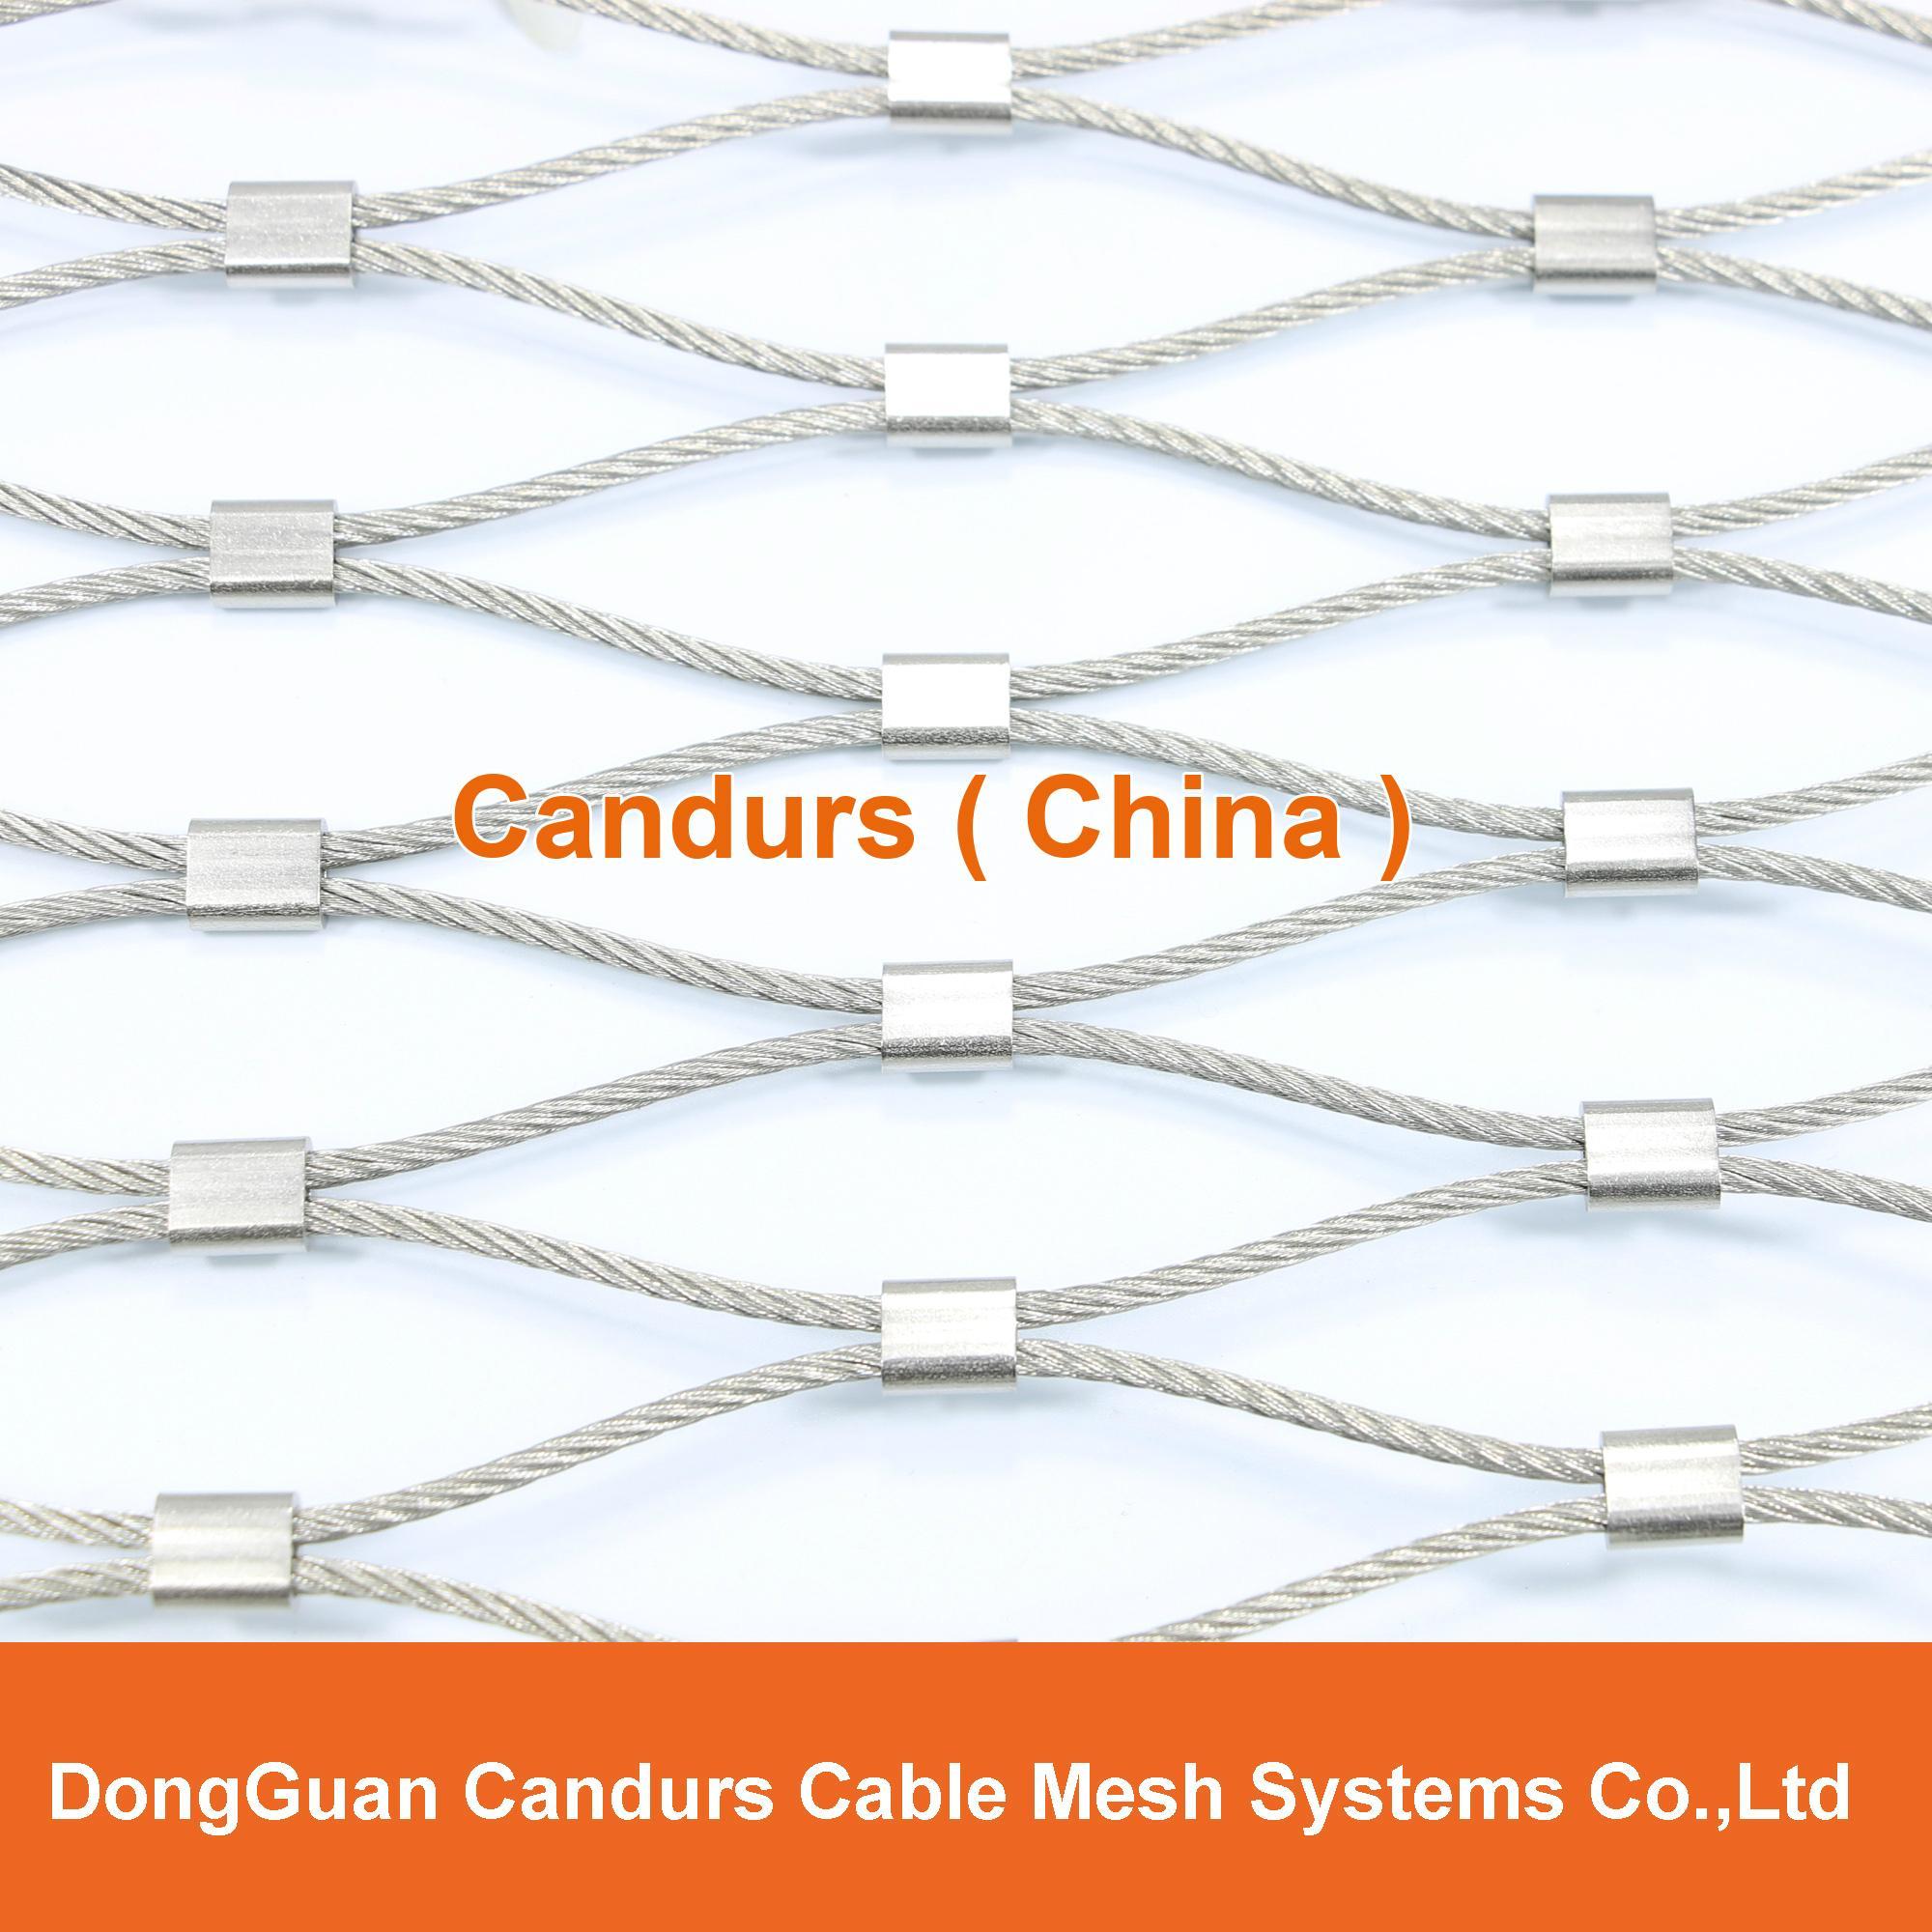 供應不鏽鋼壓扣鋼絲繩網 14